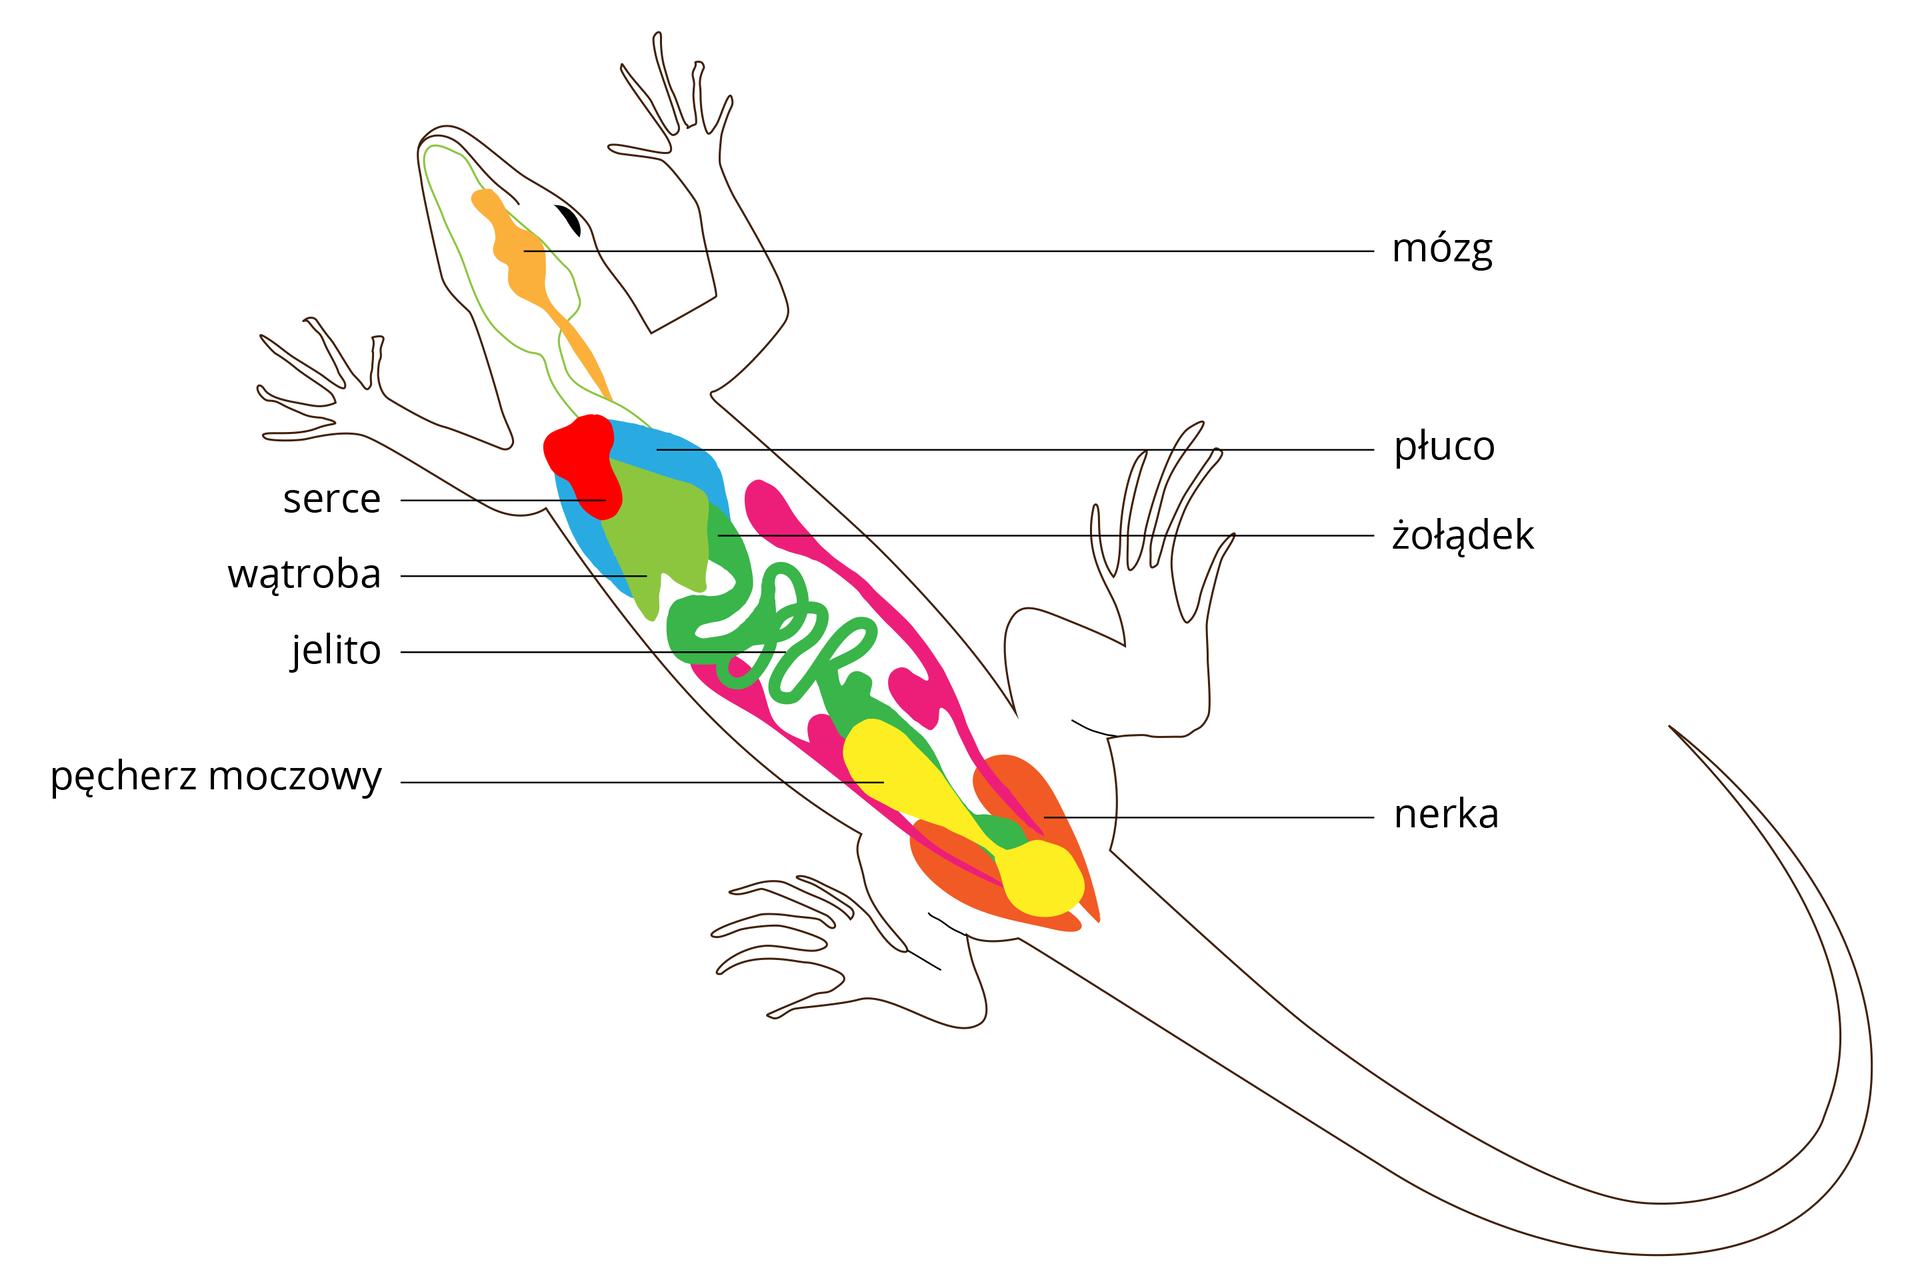 Rysunek sylwetki jaszczurki ukosem wlewo. Wnim wrysowane kolorami narządy wewnętrzne. Od góry: żółtopomarańczowy mózg, błękitne płuca, czerwone serce. Odcieniami zieleni części układu pokarmowego: wątroba, żołądek ijelito. Na żółto pęcherz moczowy ipomarańczowe nerki. Kolor różowy to układ rozrodczy.